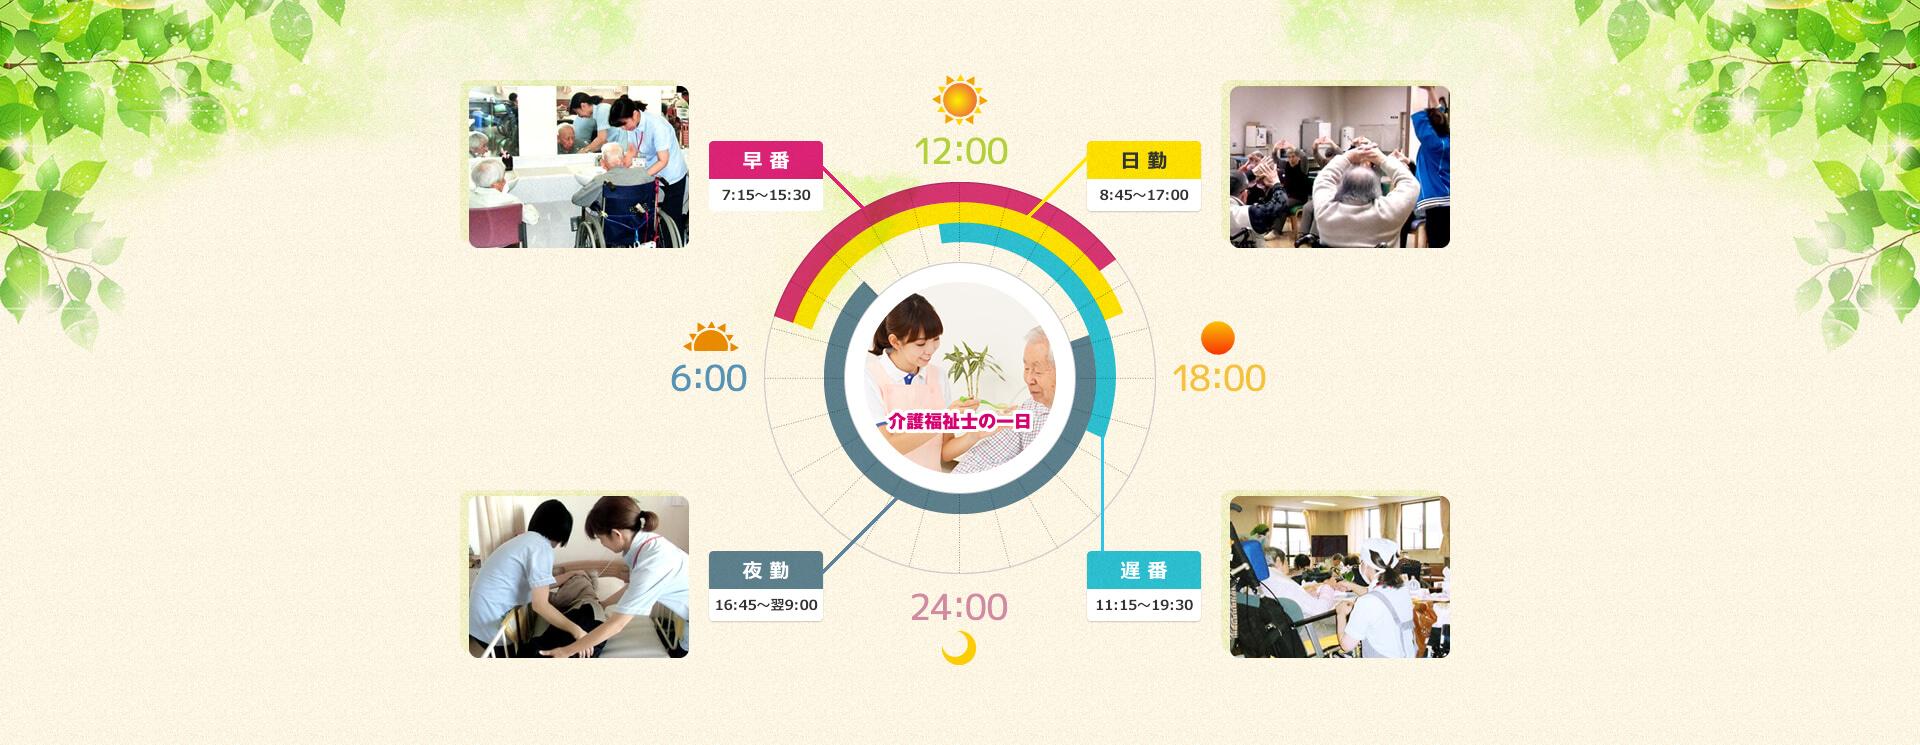 介護スタッフの一日のスケジュール表